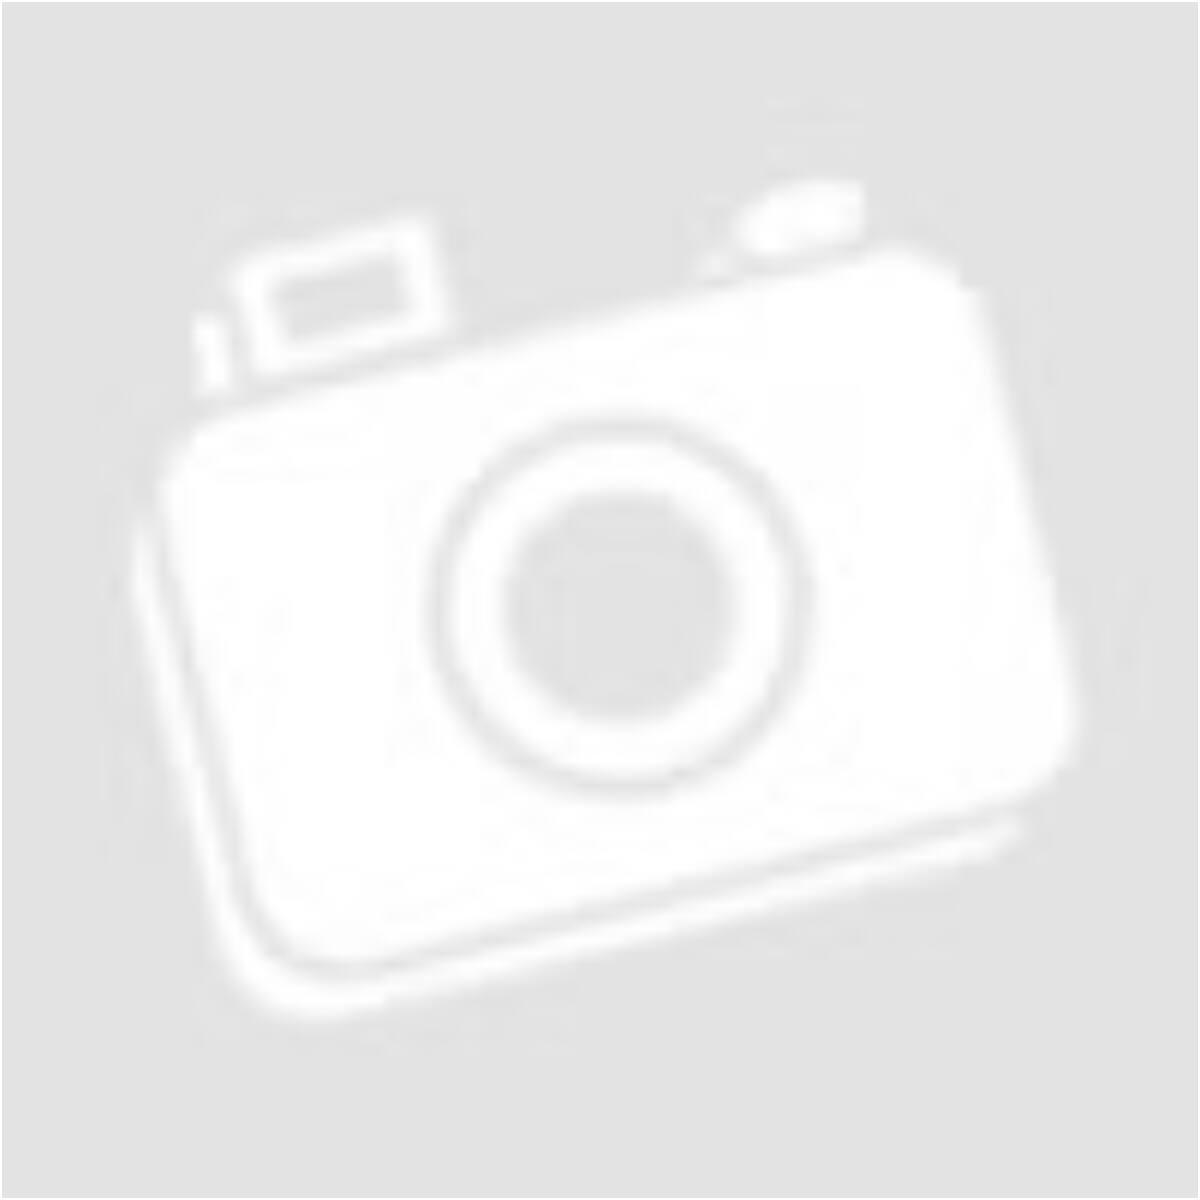 Férfi sportos télikabát  5441 - fekete (S-méret) - Télikabátok e522a6c1f9